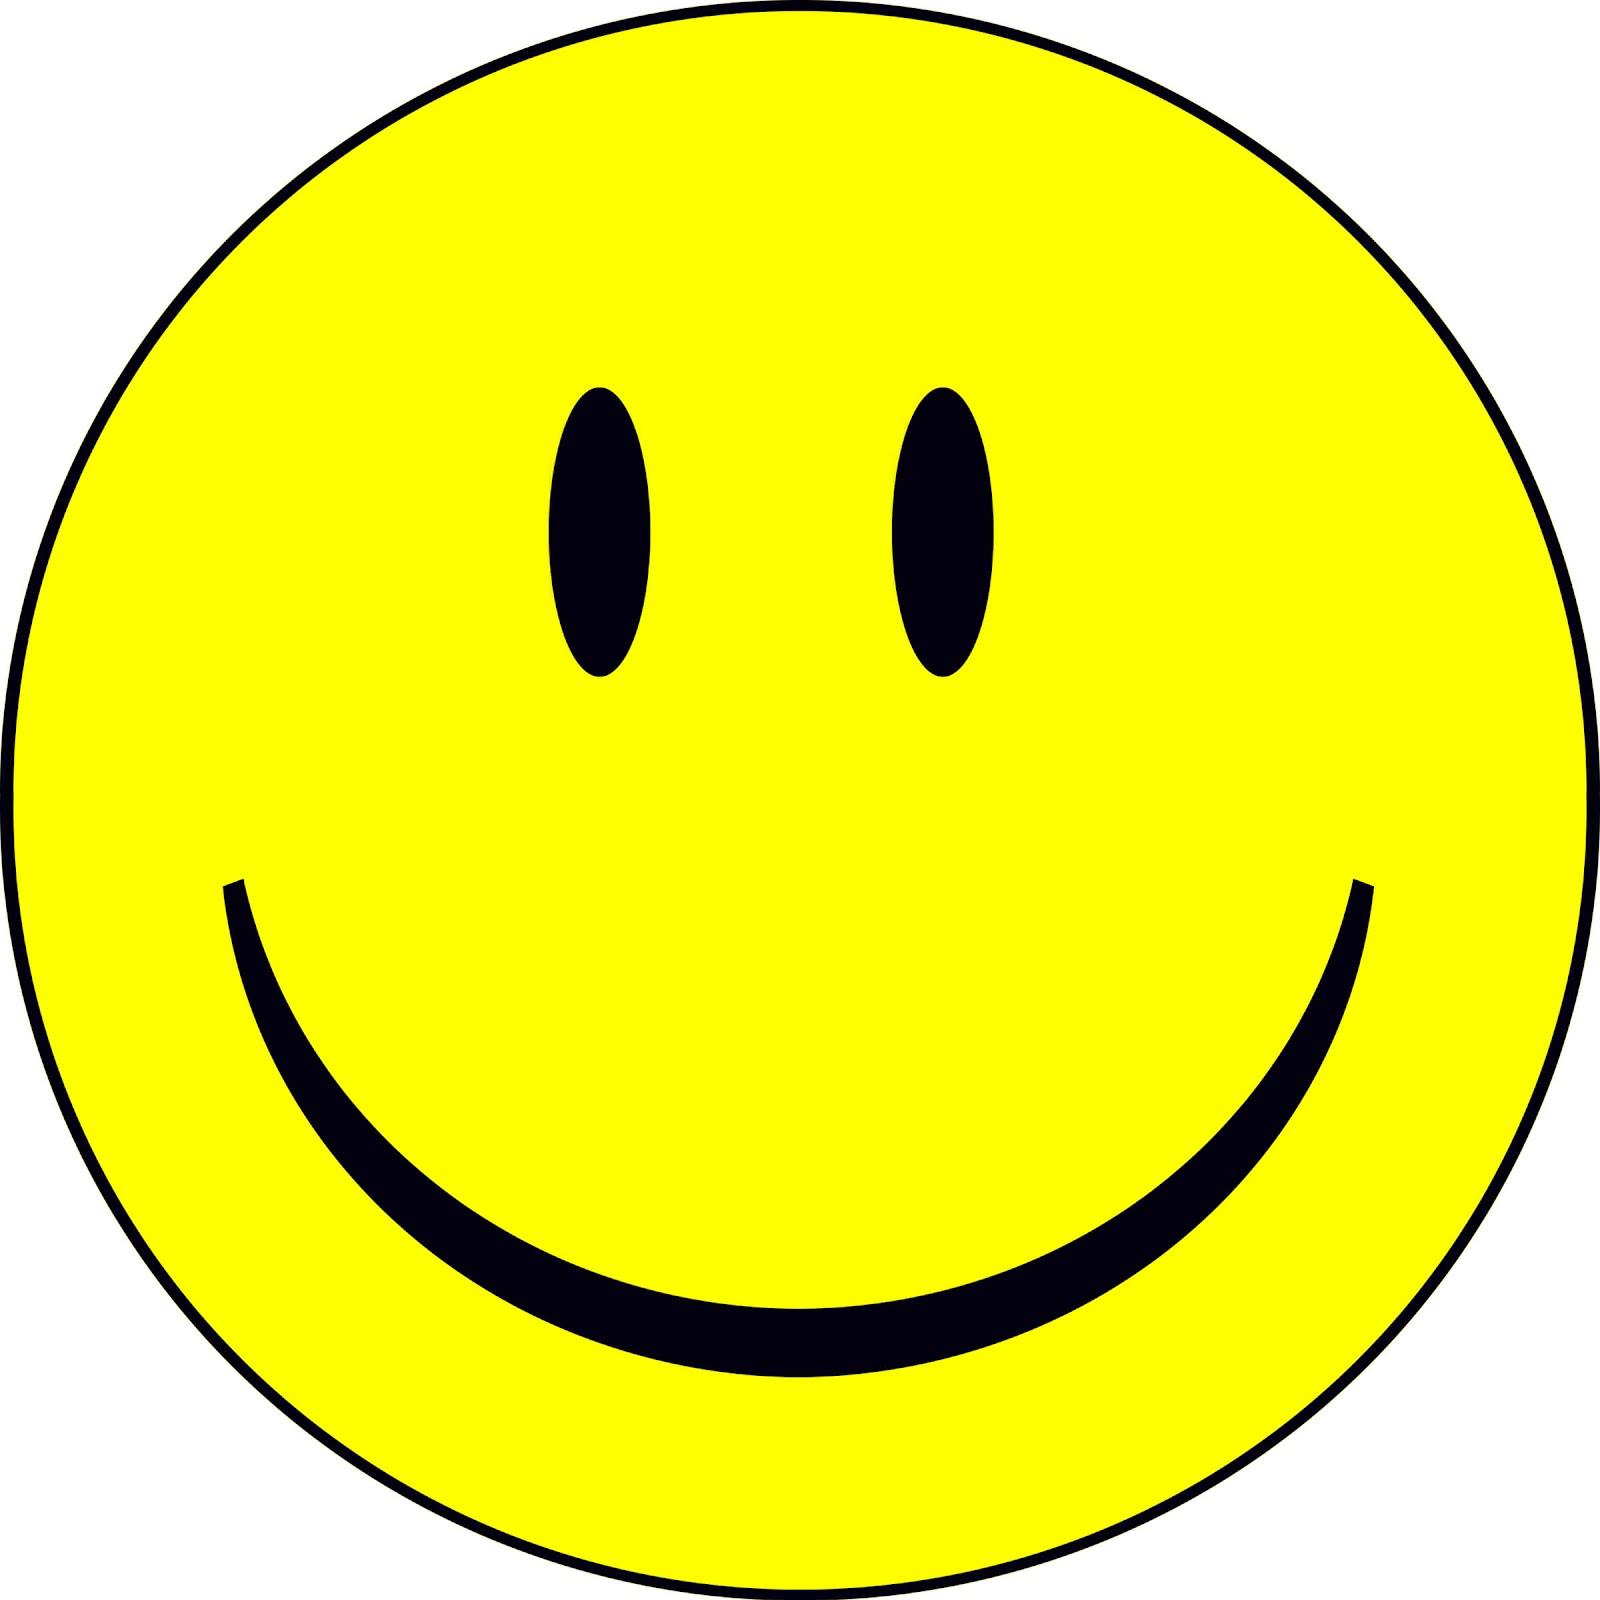 Happy Smiley Face